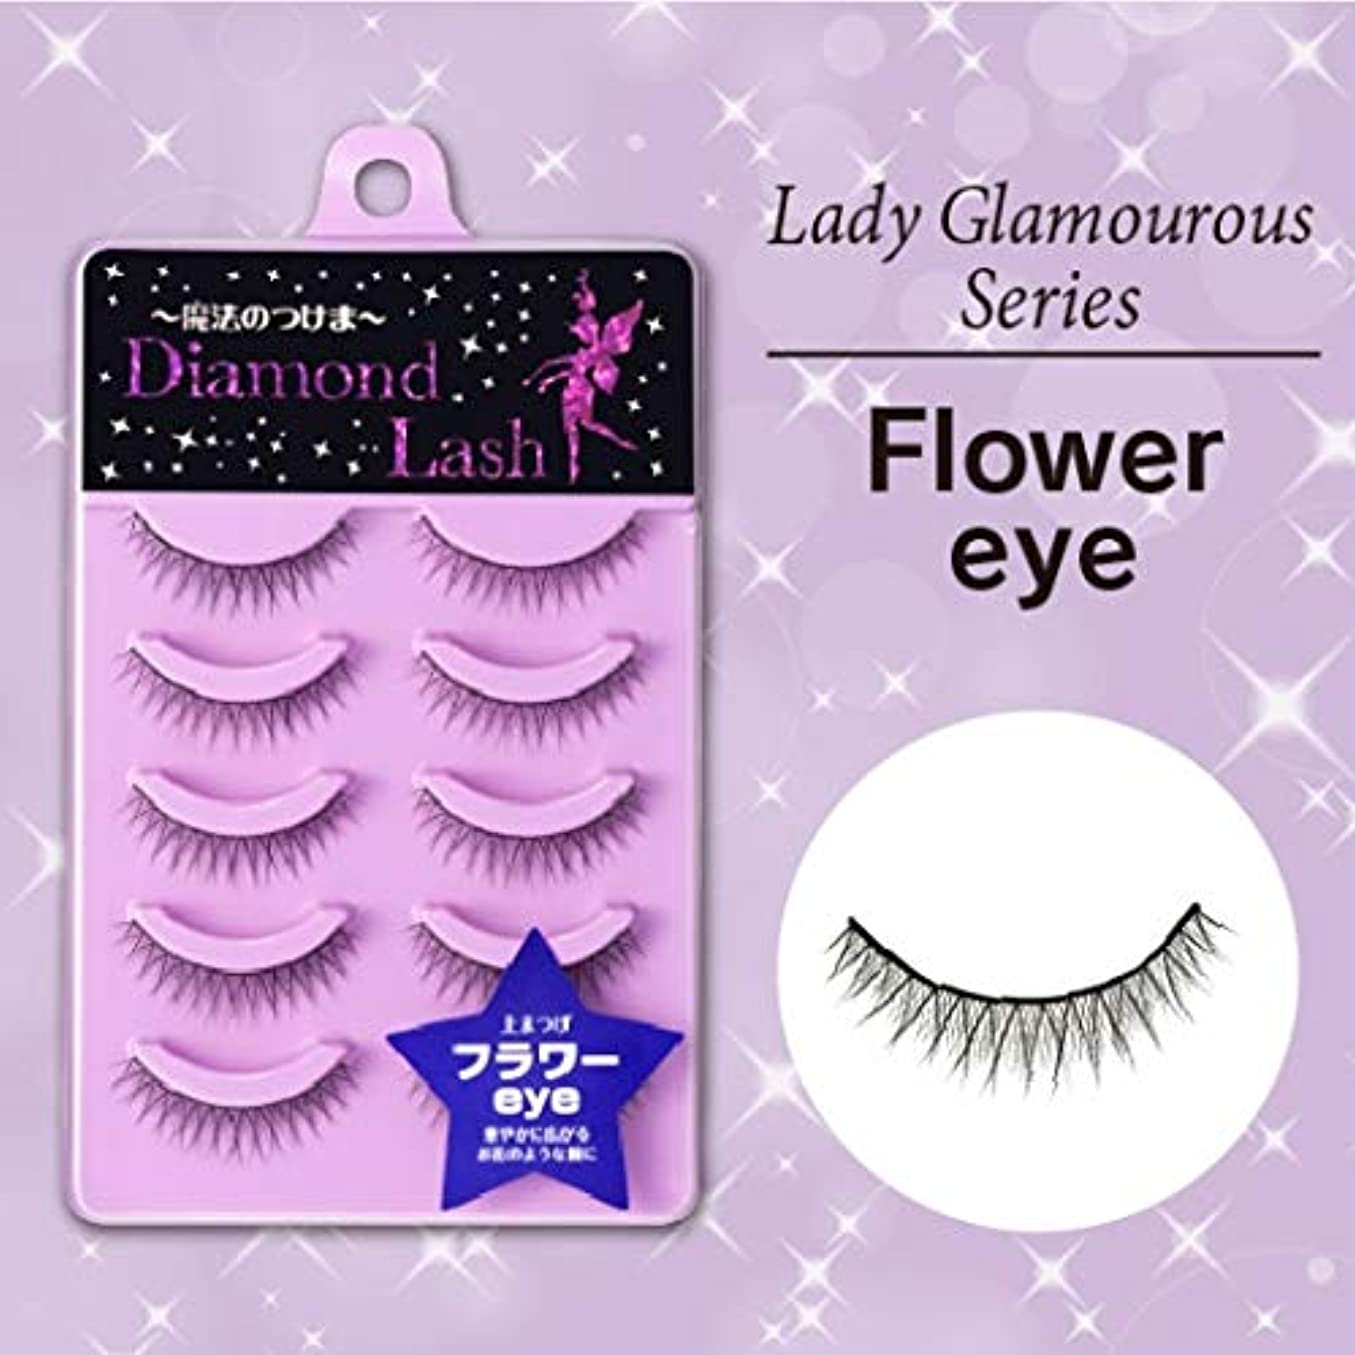 メロドラマ失礼な我慢するDiamond Lash(ダイヤモンドラッシュ) レディグラマスシリーズ フラワーeye